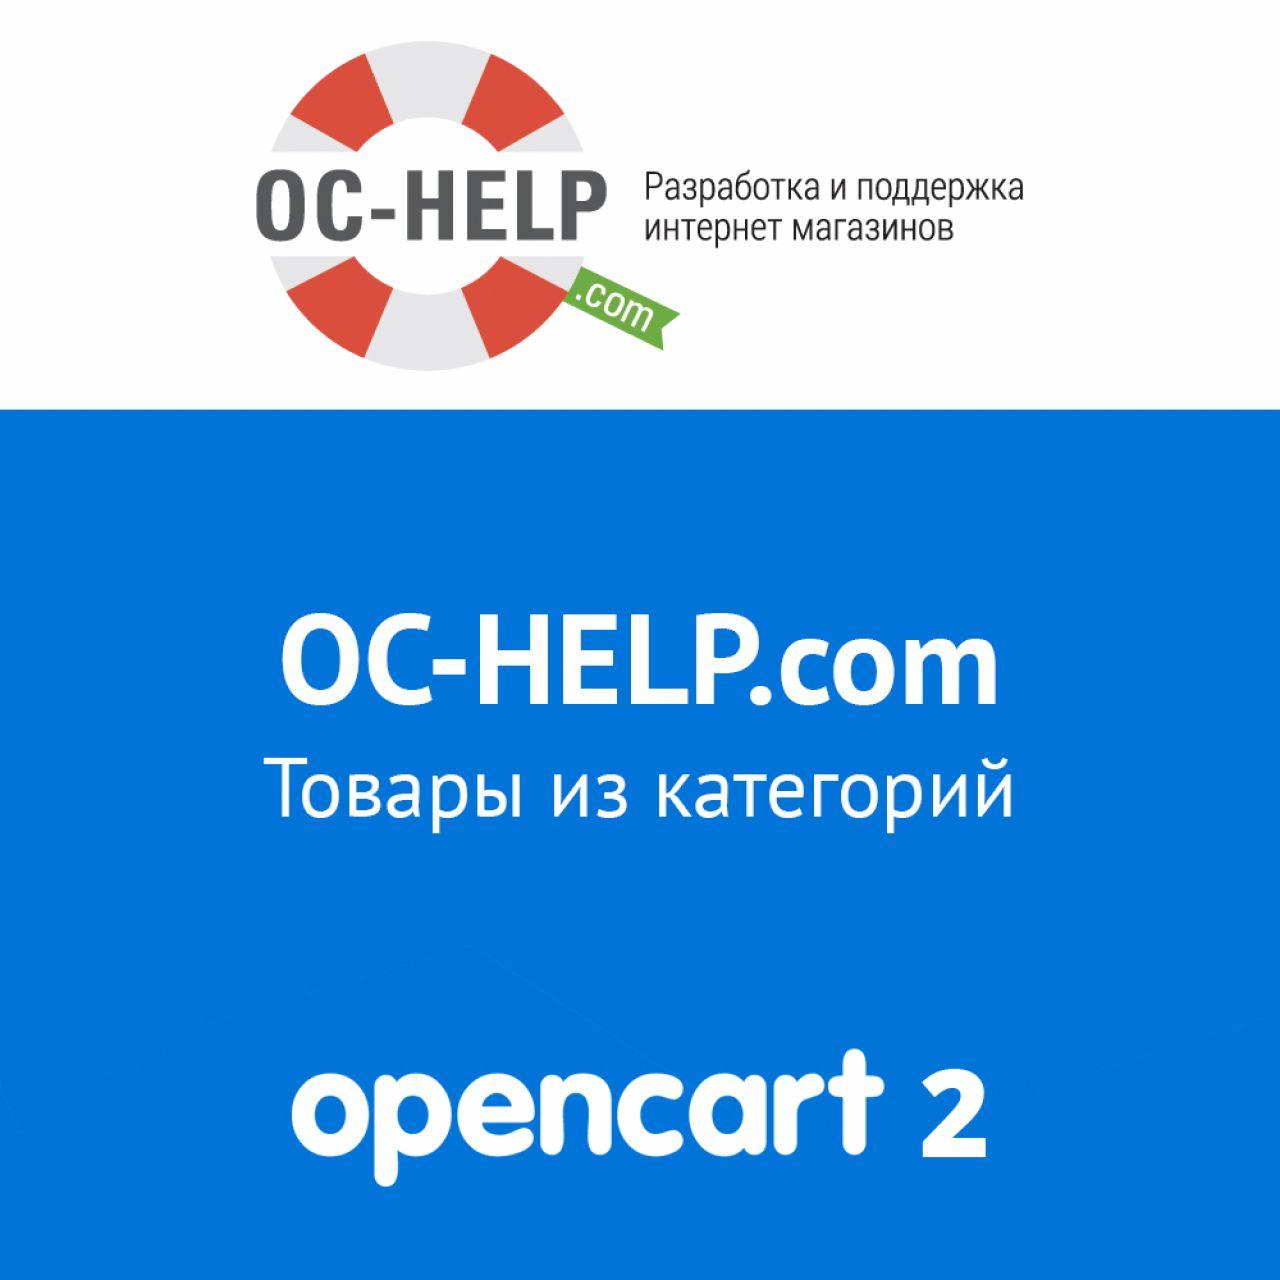 Товары из категорий 1.1.6 из категории Оформление для CMS OpenCart (ОпенКарт)